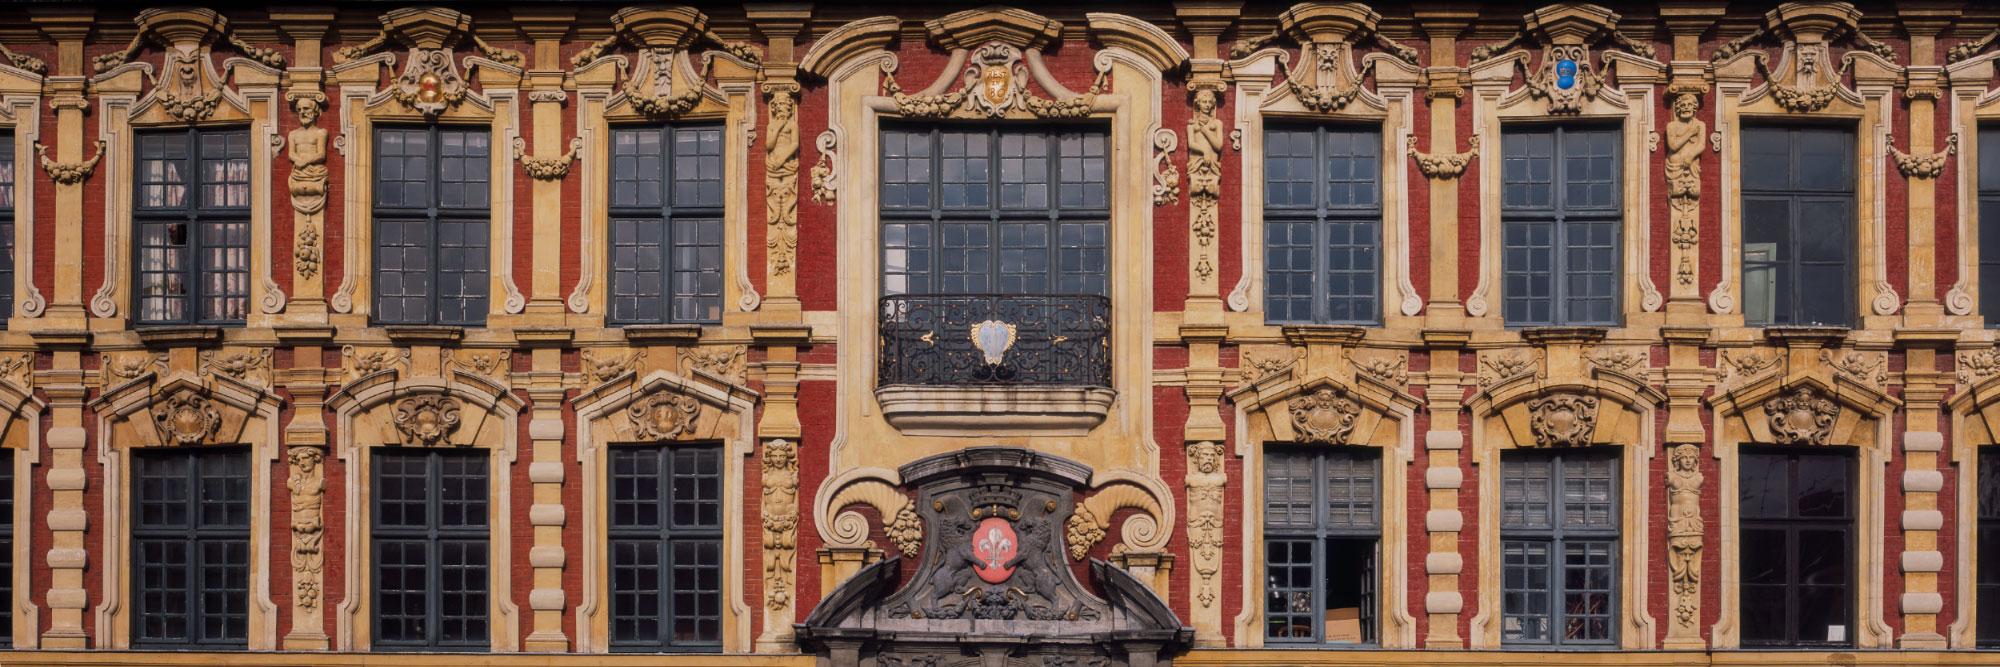 Façades de la Grand Place de Lille